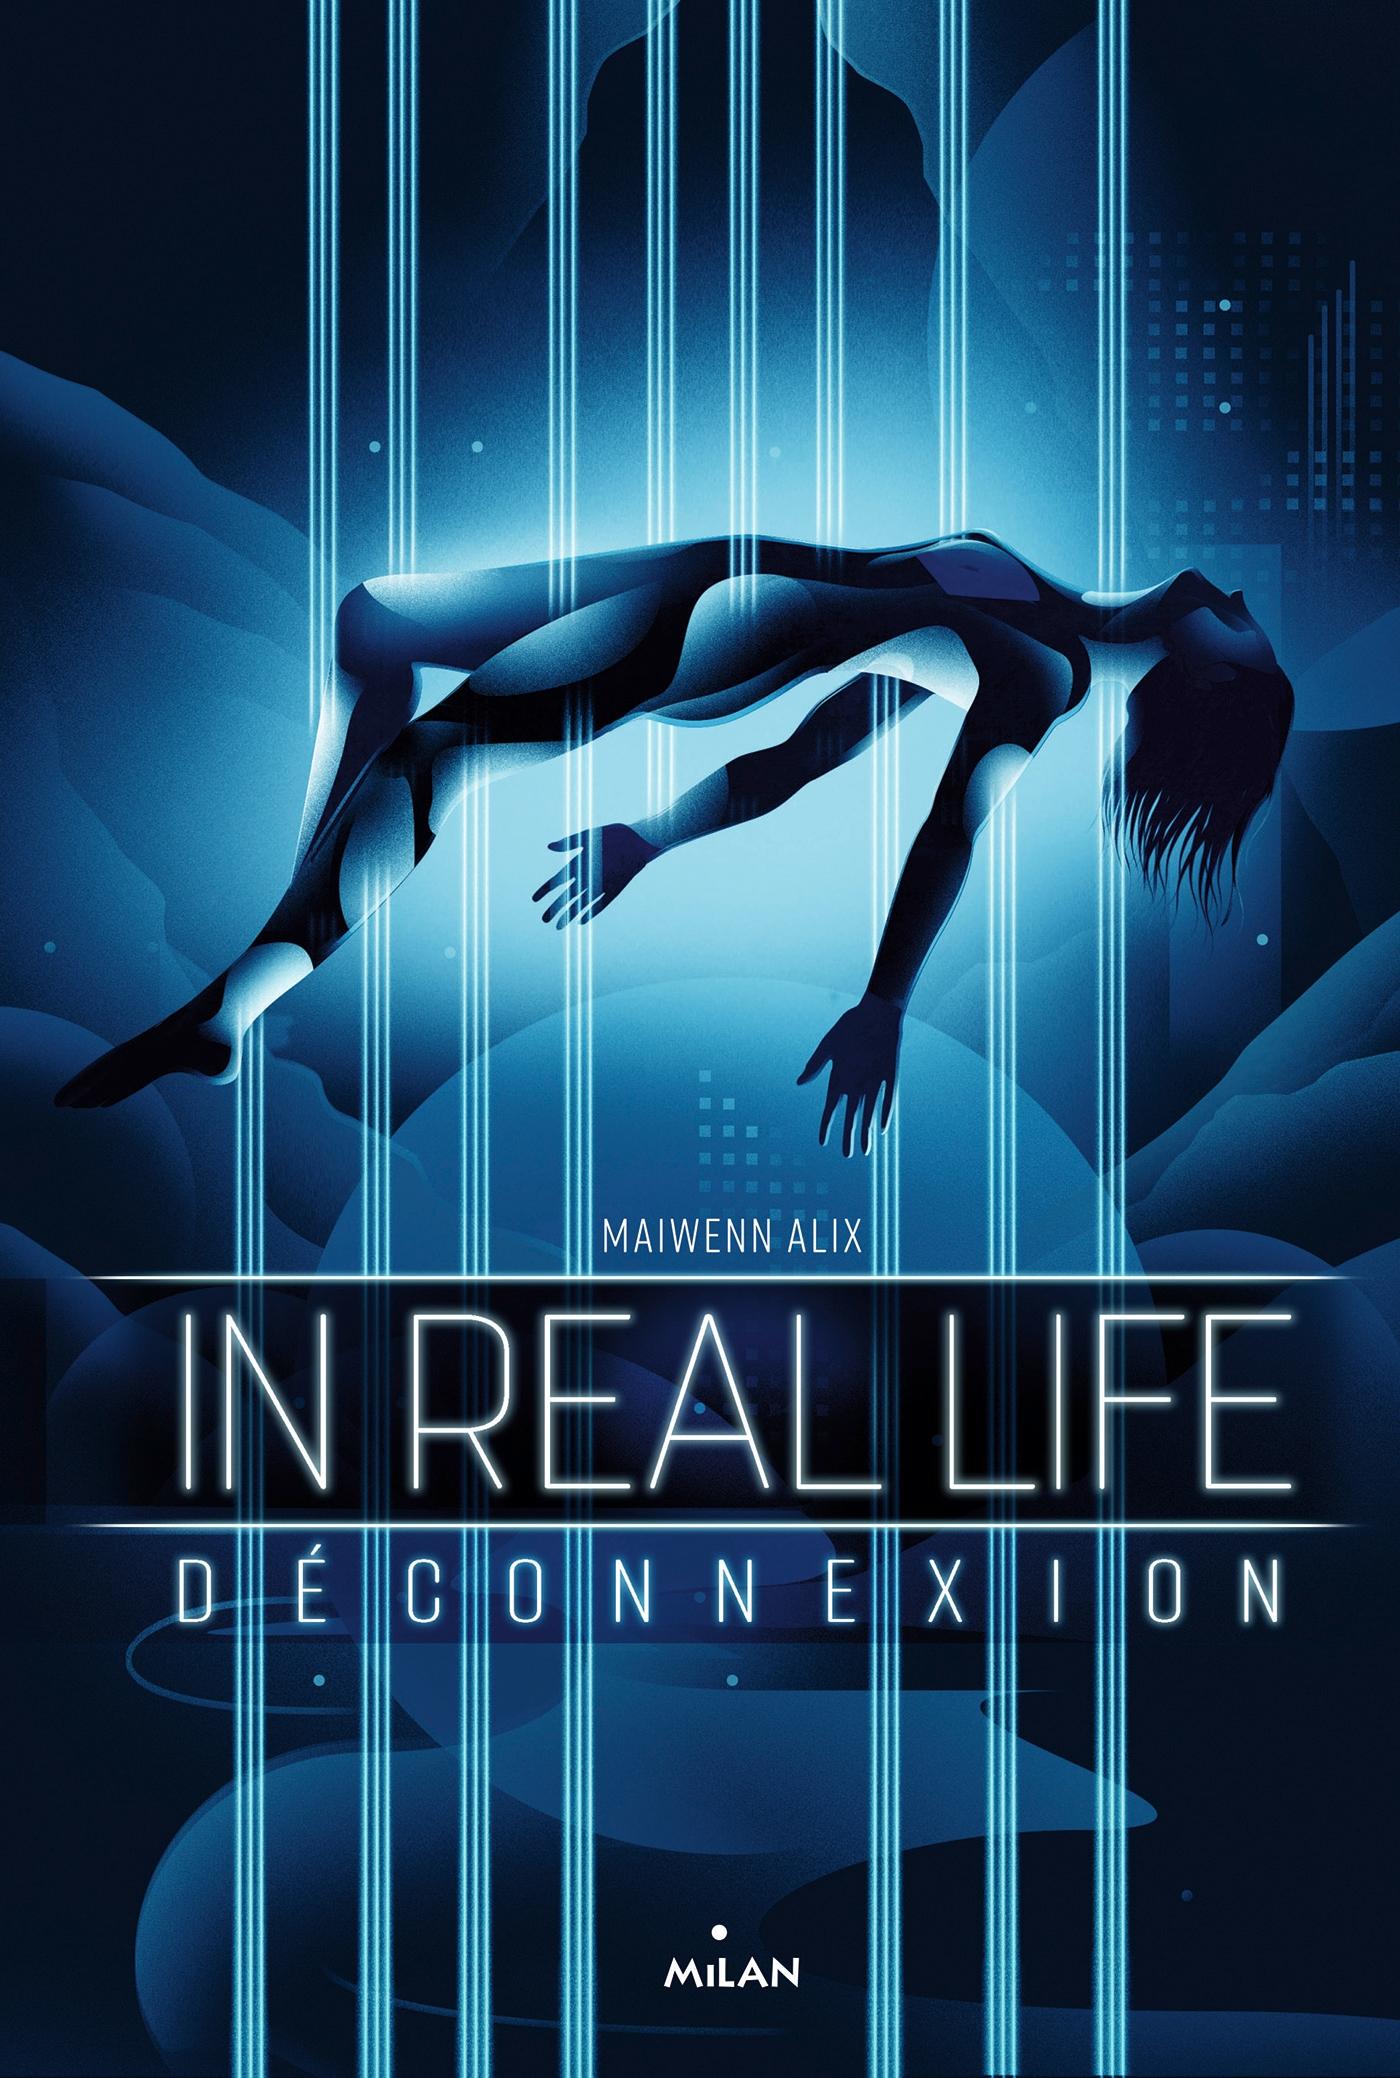 Image de l'article «In Real Life: Déconnexion de Maiwenn Alix»